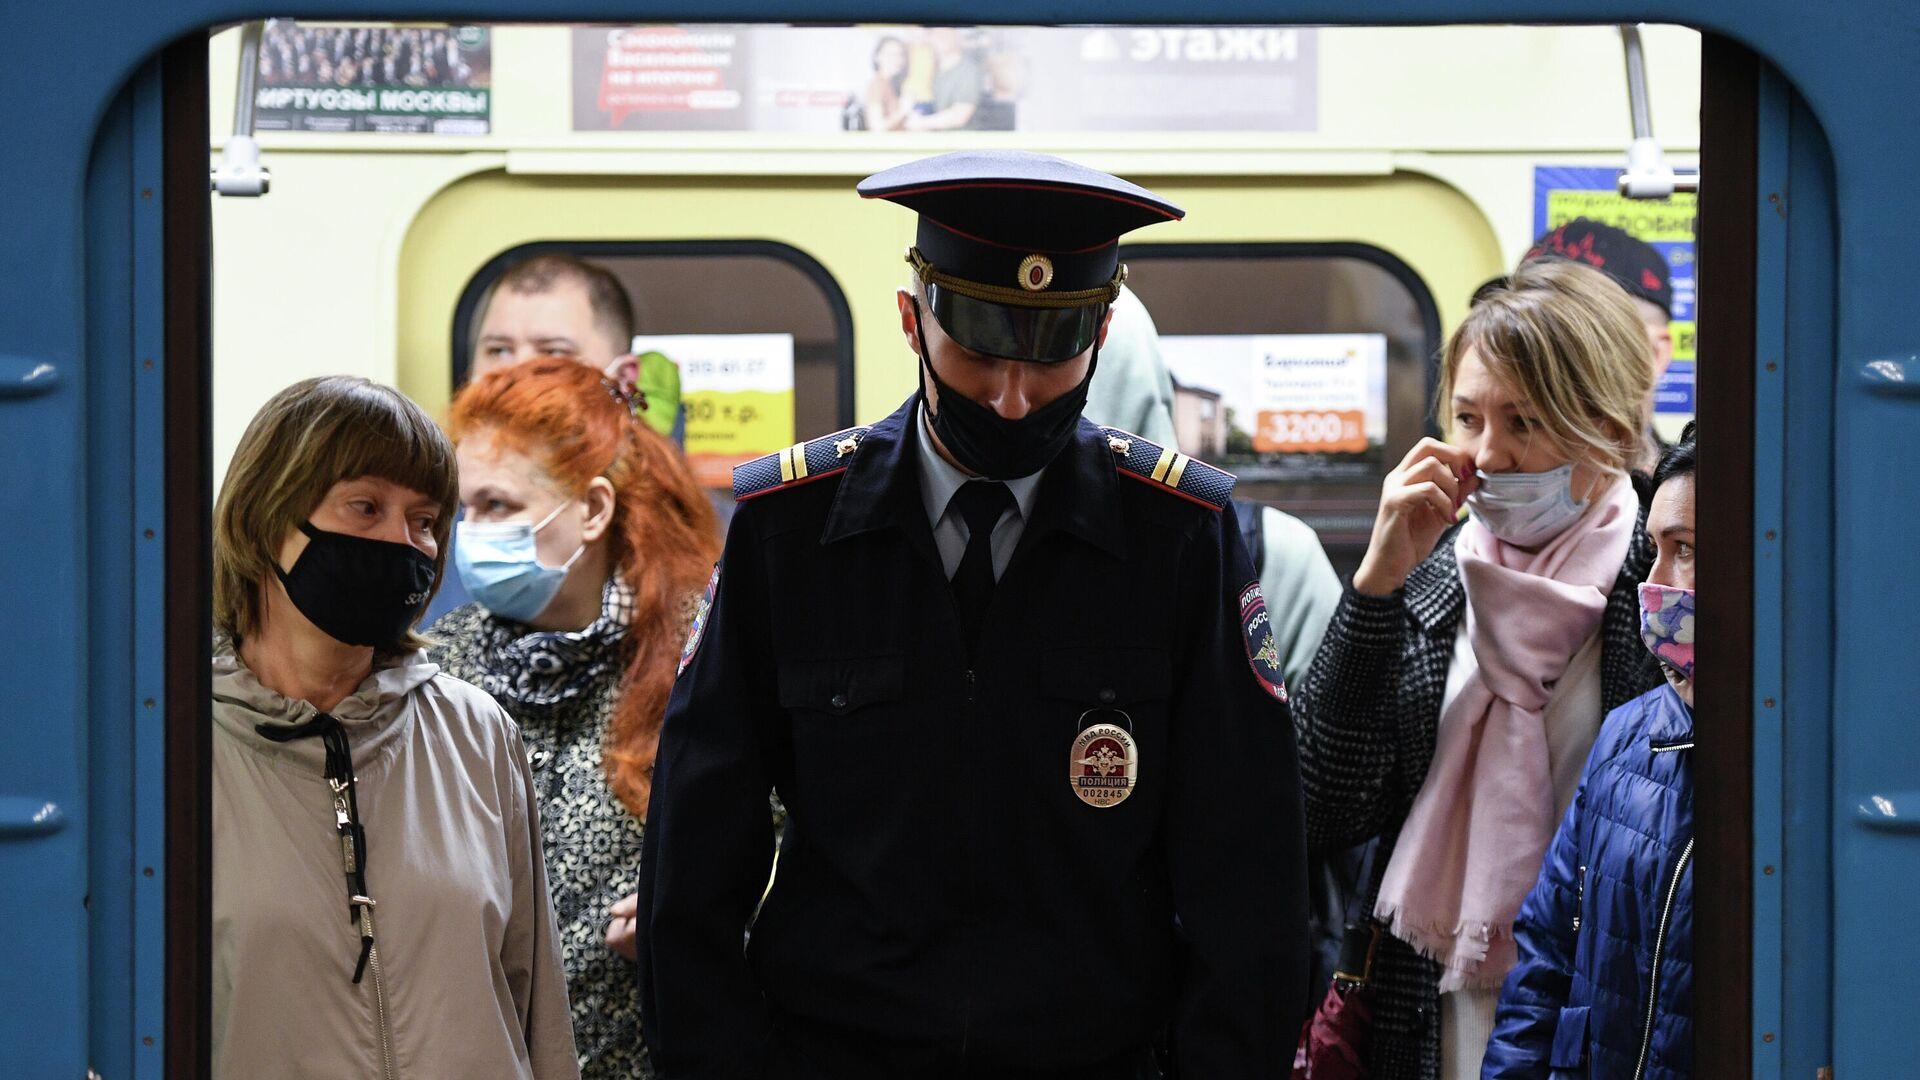 Rusya, koronavirüs, maske, metro - Sputnik Türkiye, 1920, 20.08.2021